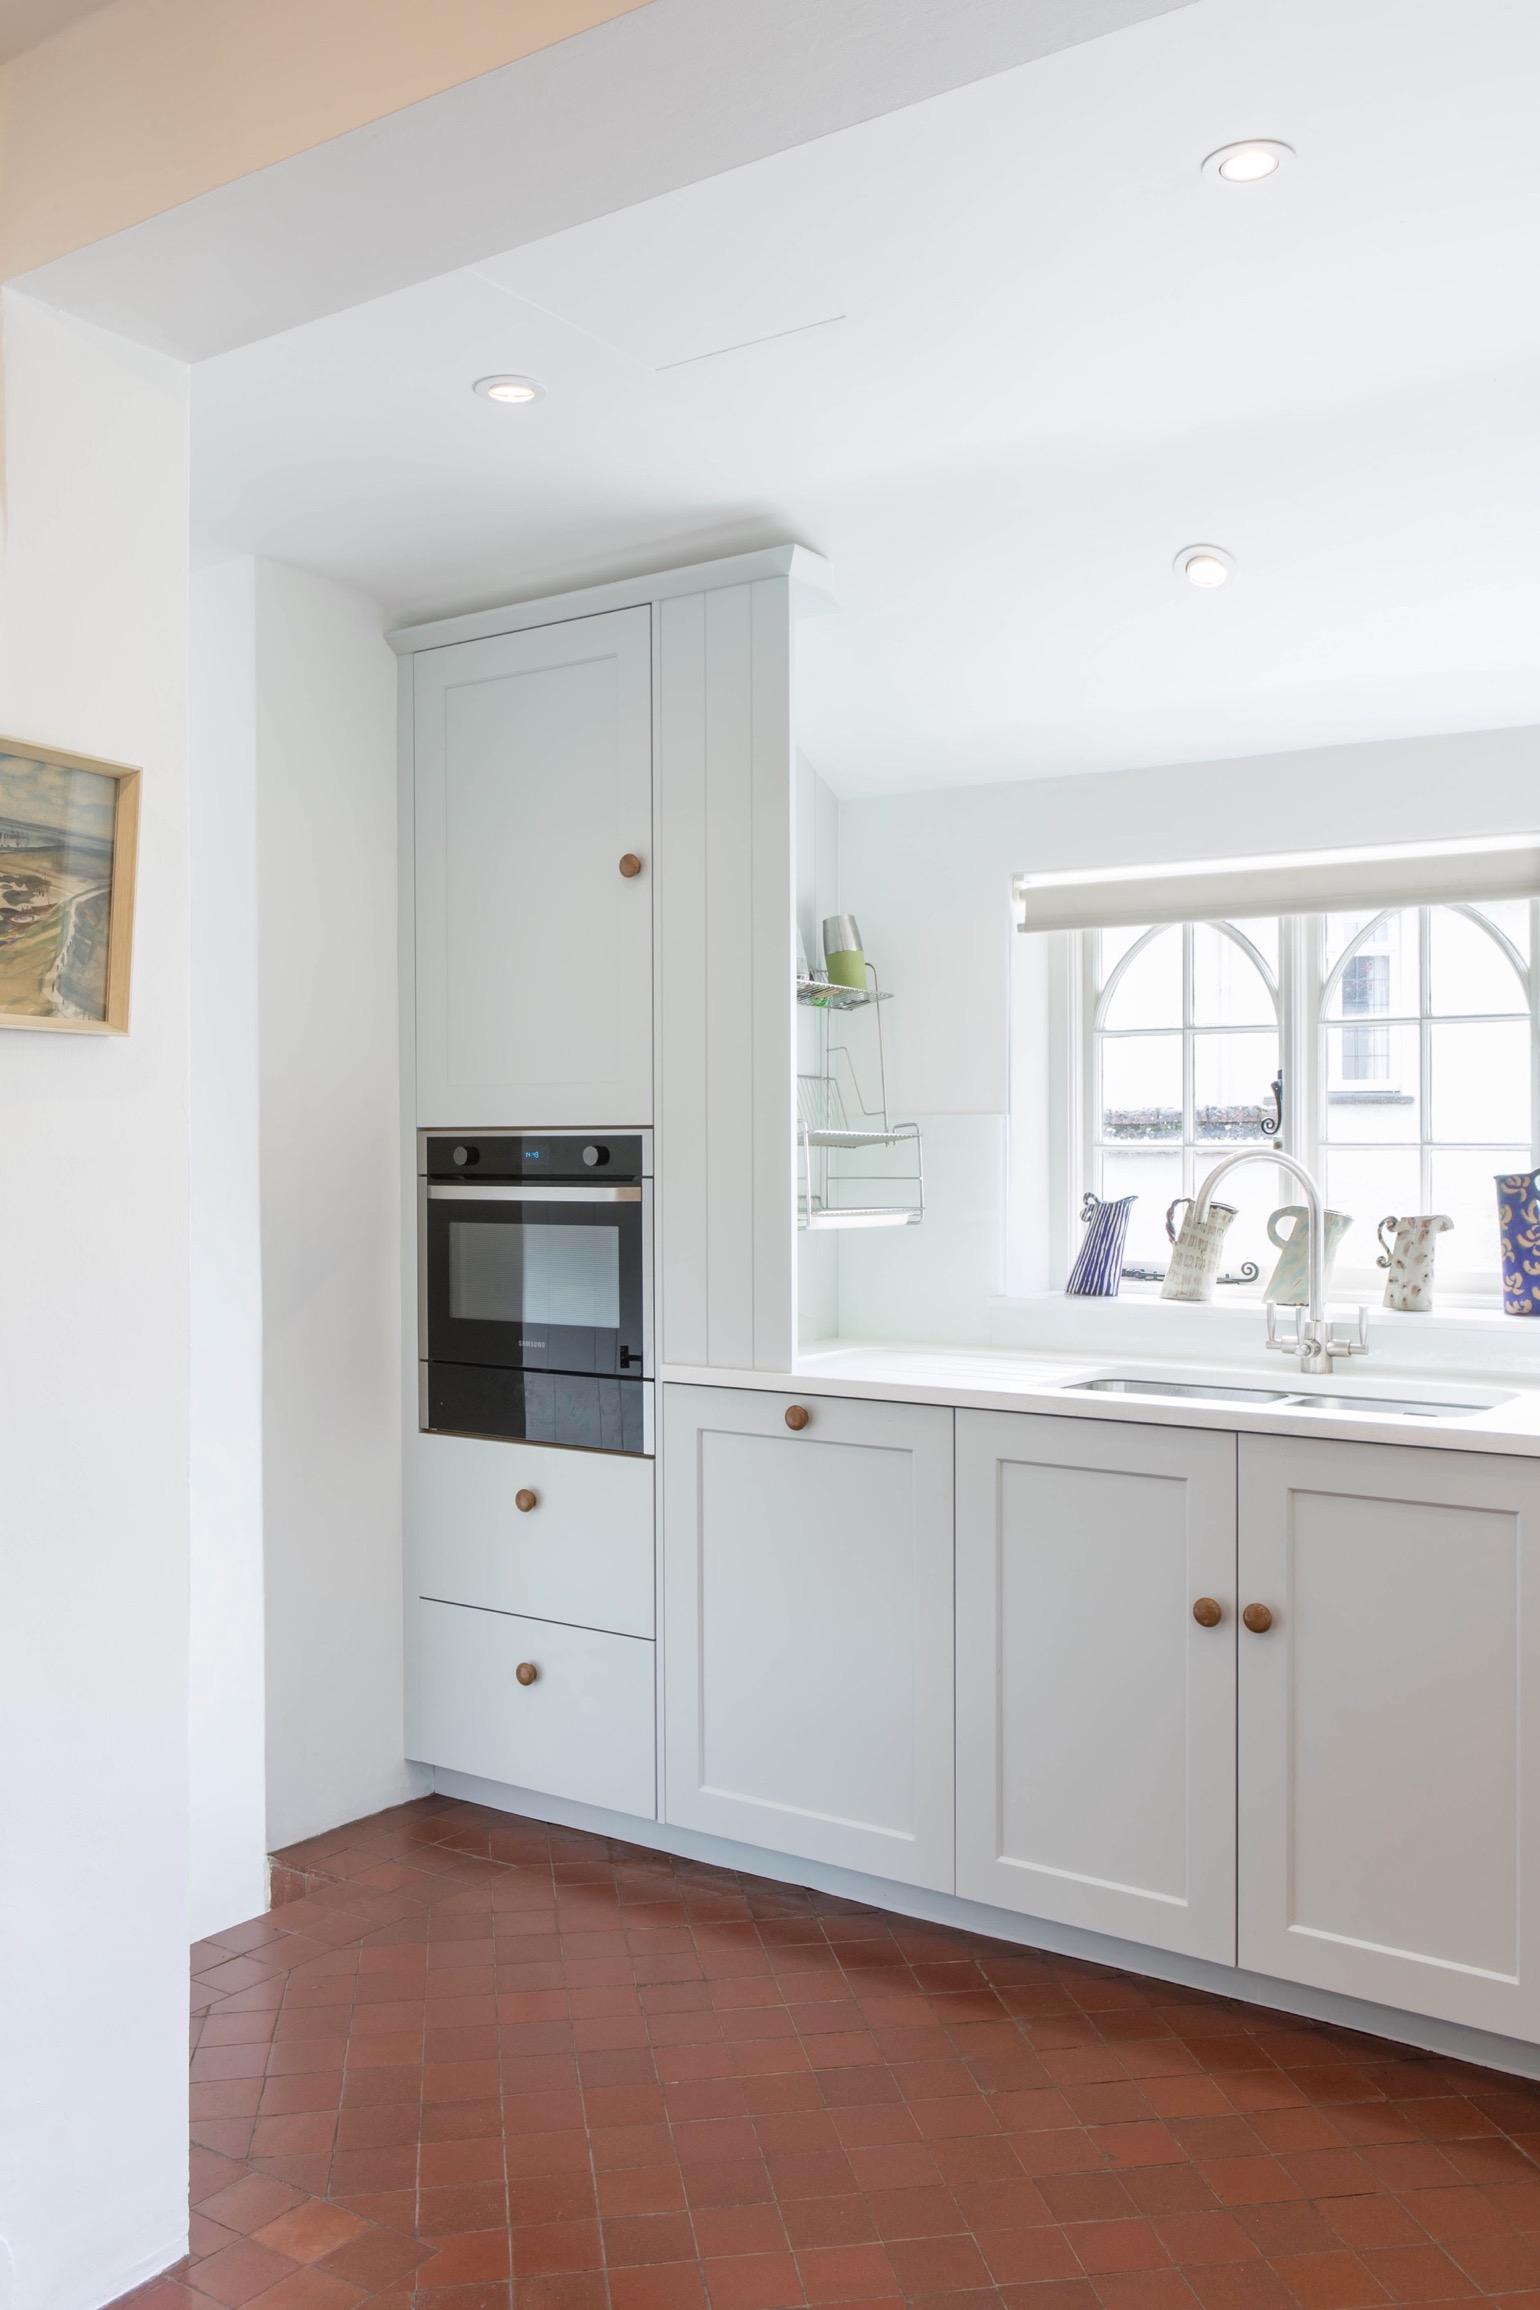 handpainted kitchen made to measure haddenham bespoke buckinghamshire 4 1